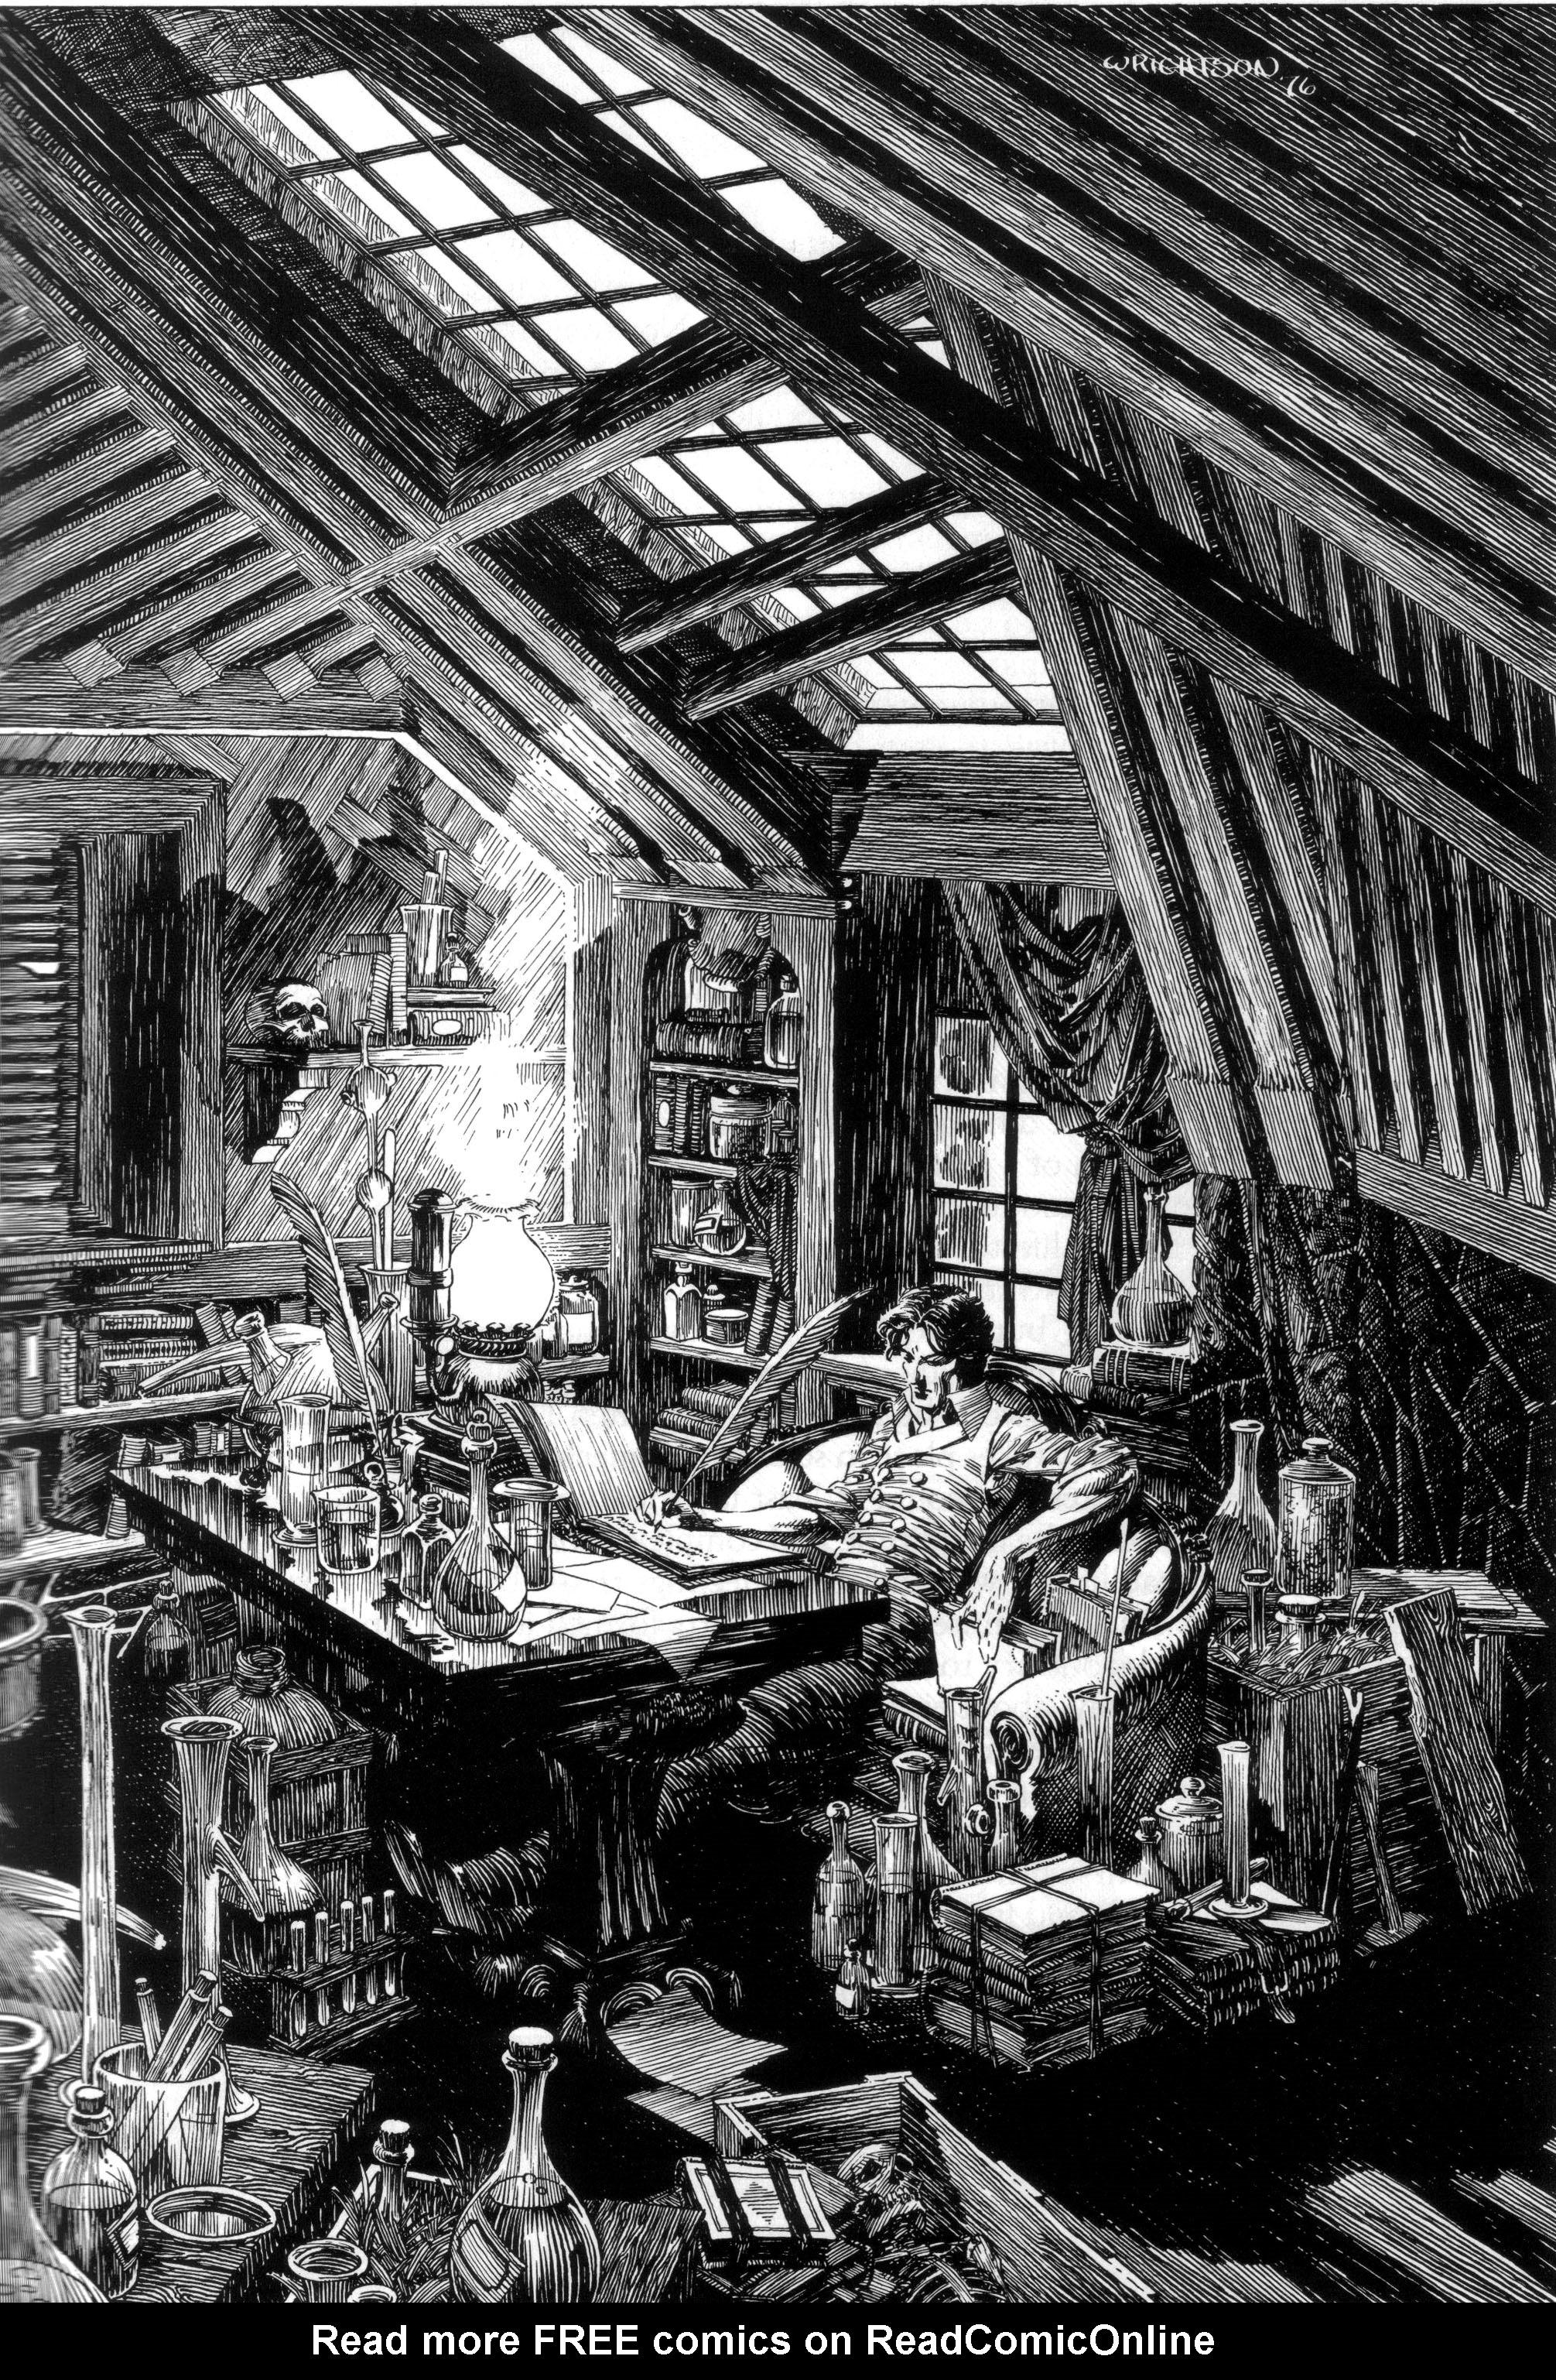 Read online Bernie Wrightson's Frankenstein comic -  Issue # Full - 9